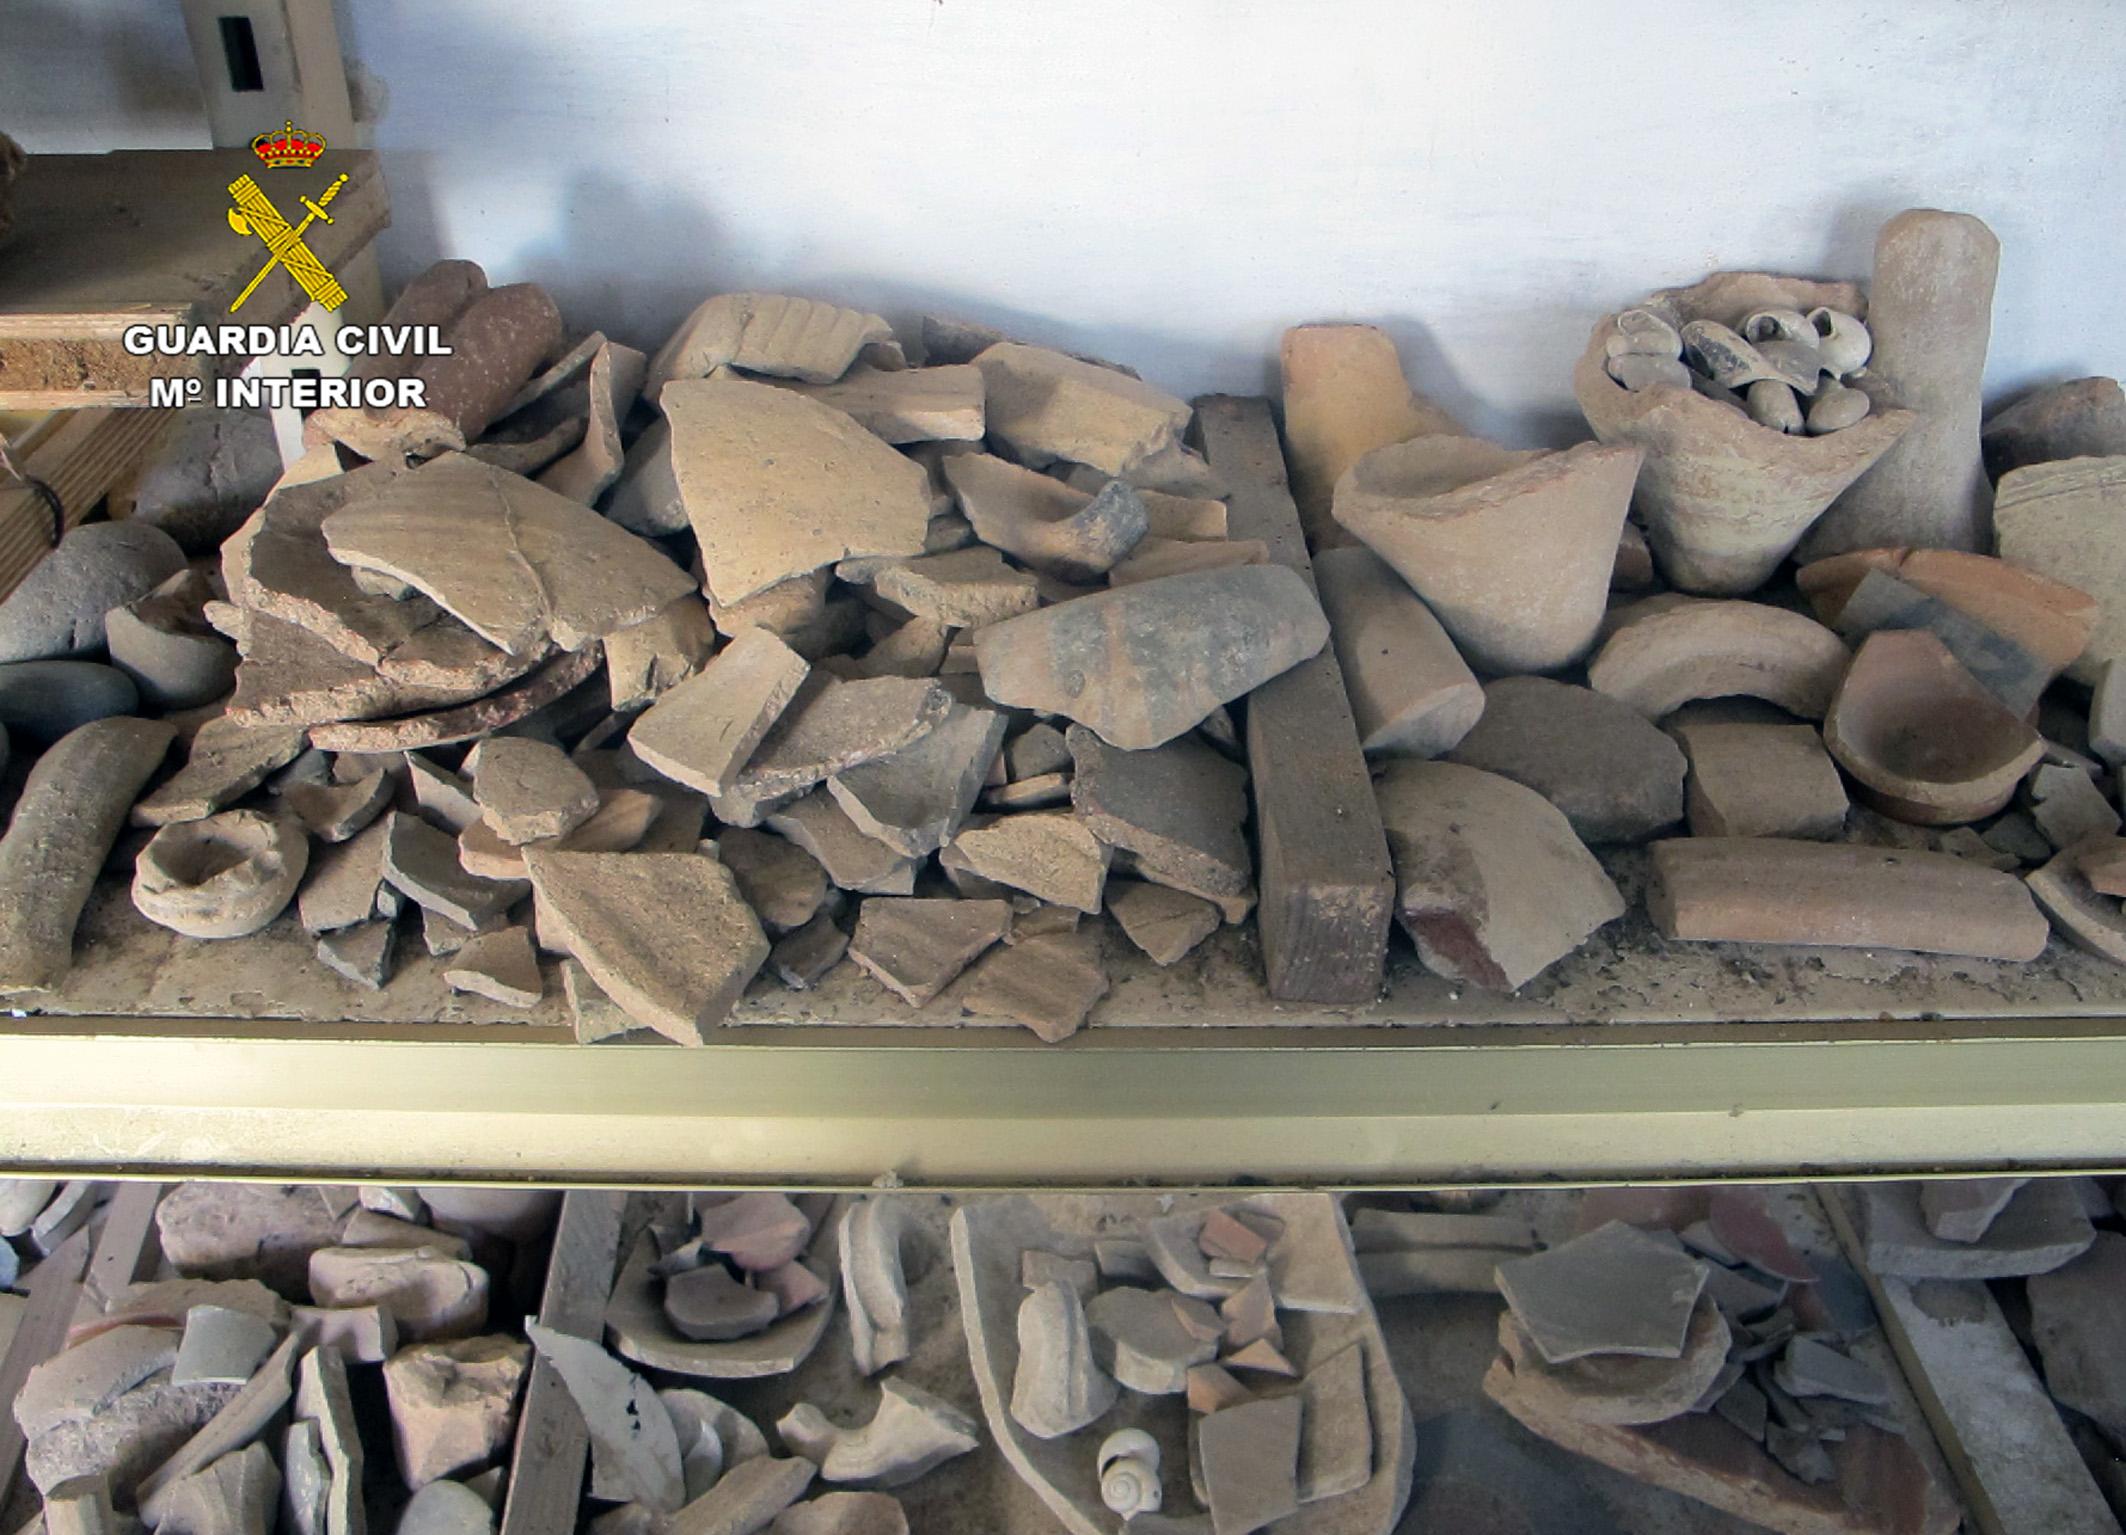 En la investigación se han localizado grandes cantidades de fragmentos de recipientes de vidrio y miles de fragmentos cerámicos. Imagen: Seprona